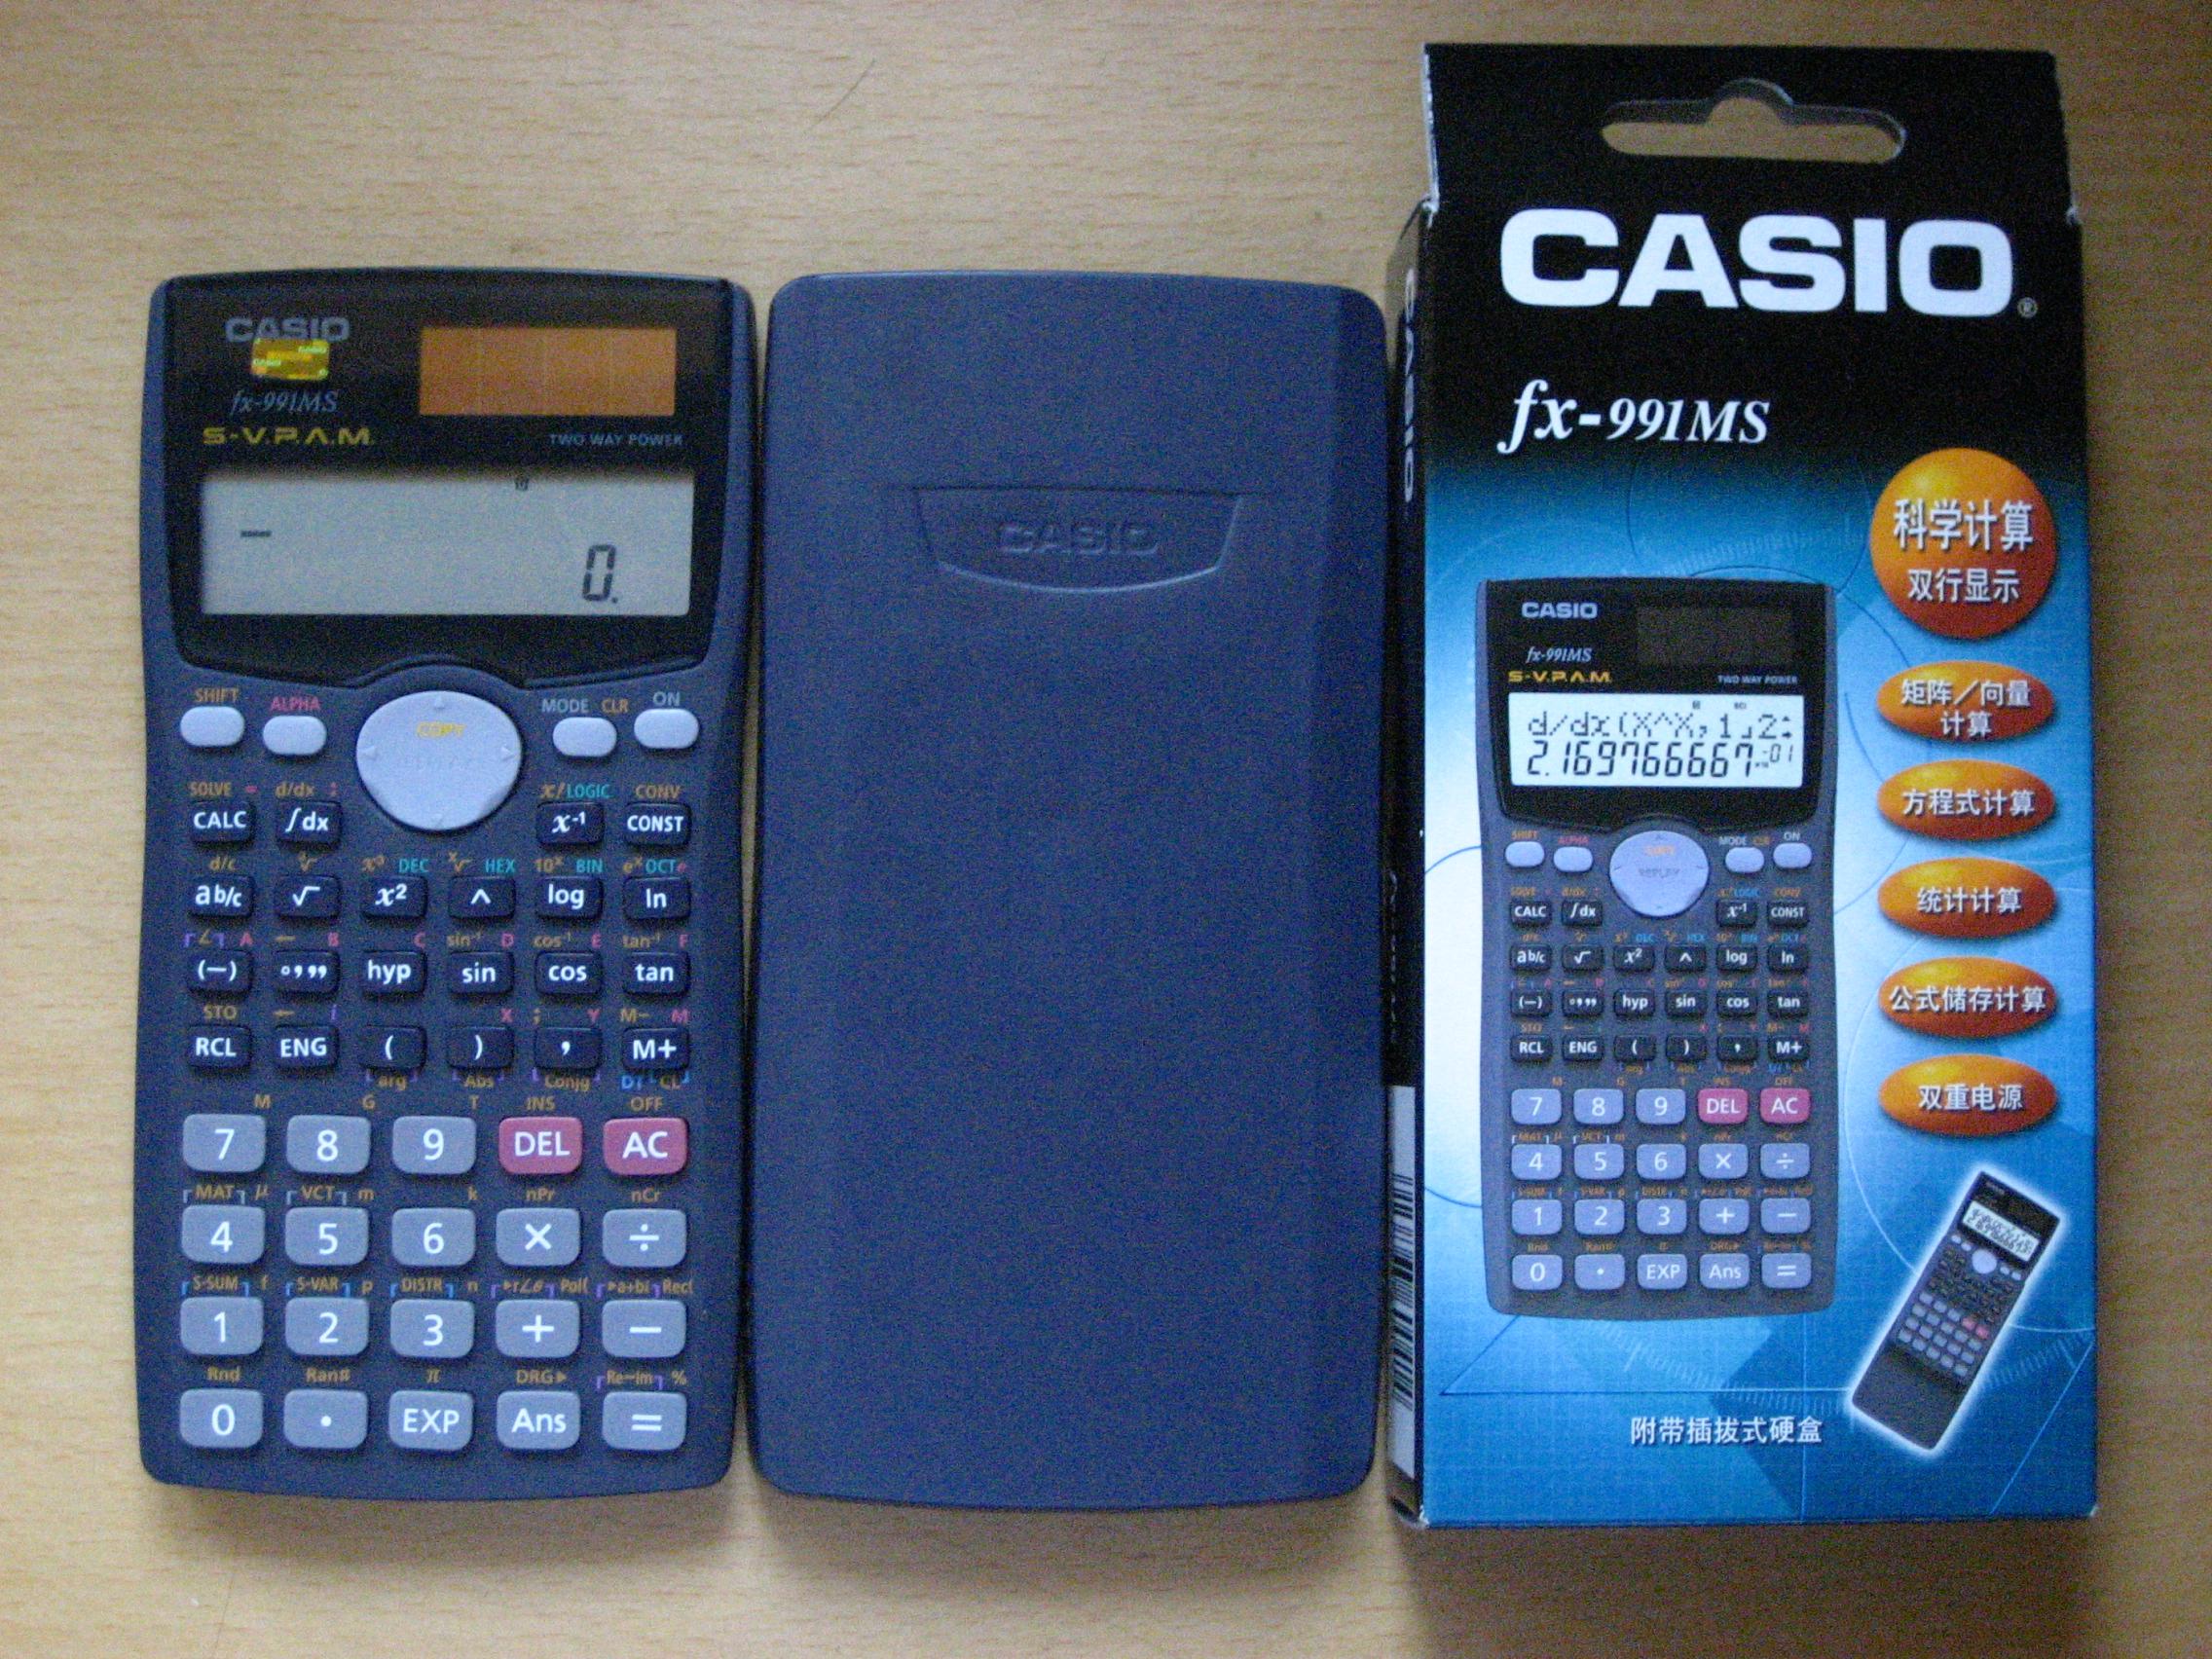 P&l calculation fx options